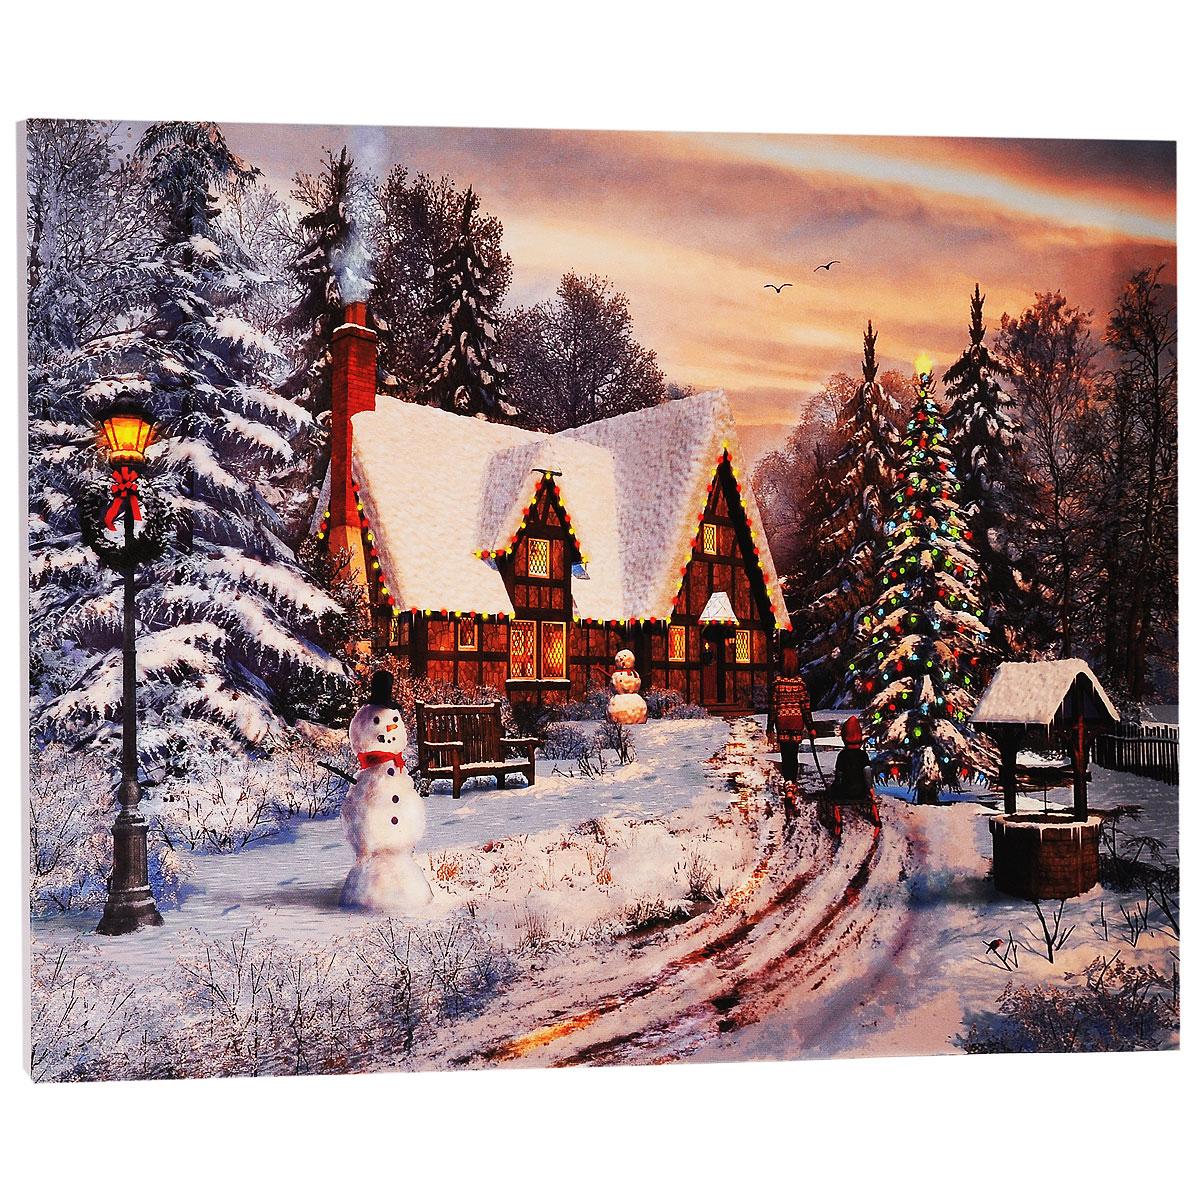 КвикДекор Картина на холсте Старый коттедж, Рождество, 60 см х 40 смAP-00633-22357-Cn6040Картина на холсте КвикДекор Старый коттедж, Рождество - это прекрасное украшение для вашей гостиной или спальни. Она привнесет в интерьер яркий акцент и сделает обстановку комфортной и уютной. Доминик Дэвисон создает свои картины, используя компьютер и 3D-графику. Большое влияние на творчество Дэвисона оказал голландский пейзажист Баренд Корнелис Куккук, именно поэтому в его работах преобладают эстетические мотивы голландской романтической школы. Доминик создает изумительные картины коттеджей, сельских пейзажей и городов. Его работы красивы, выдержаны и обогащены множеством деталей. Работы Доминика опубликованы в журналах 3Д Художники и Фотошоп для продвинутых, также он ведет регулярную рубрику (колонку) в журнале 3Д Художники. Доминик - мастер Vue, программы, широко используемой в архитектуре, анимации, и являющейся важнейшим компонентом рабочего процесса для многих ведущих компаний и студий. Картина на холсте КвикДекор Старый коттедж, Рождество не нуждается в...